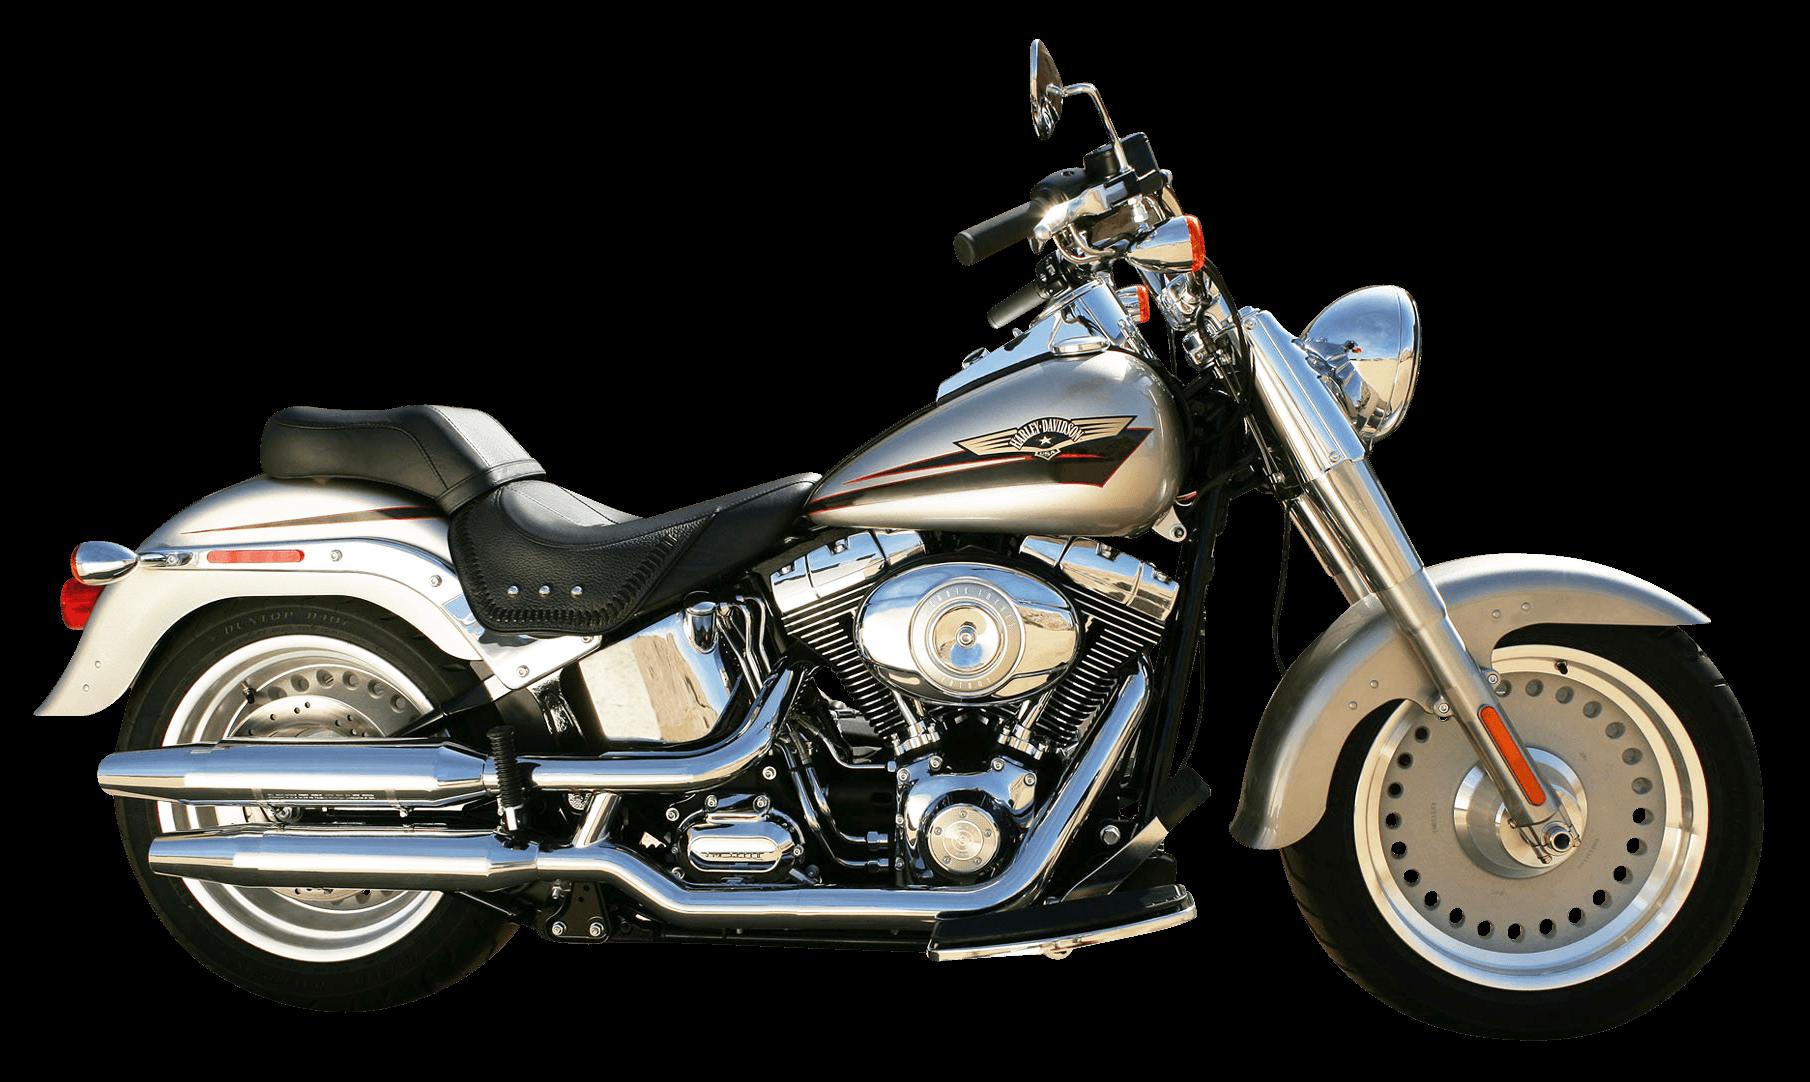 harley motorbike transparent png stickpng. Black Bedroom Furniture Sets. Home Design Ideas